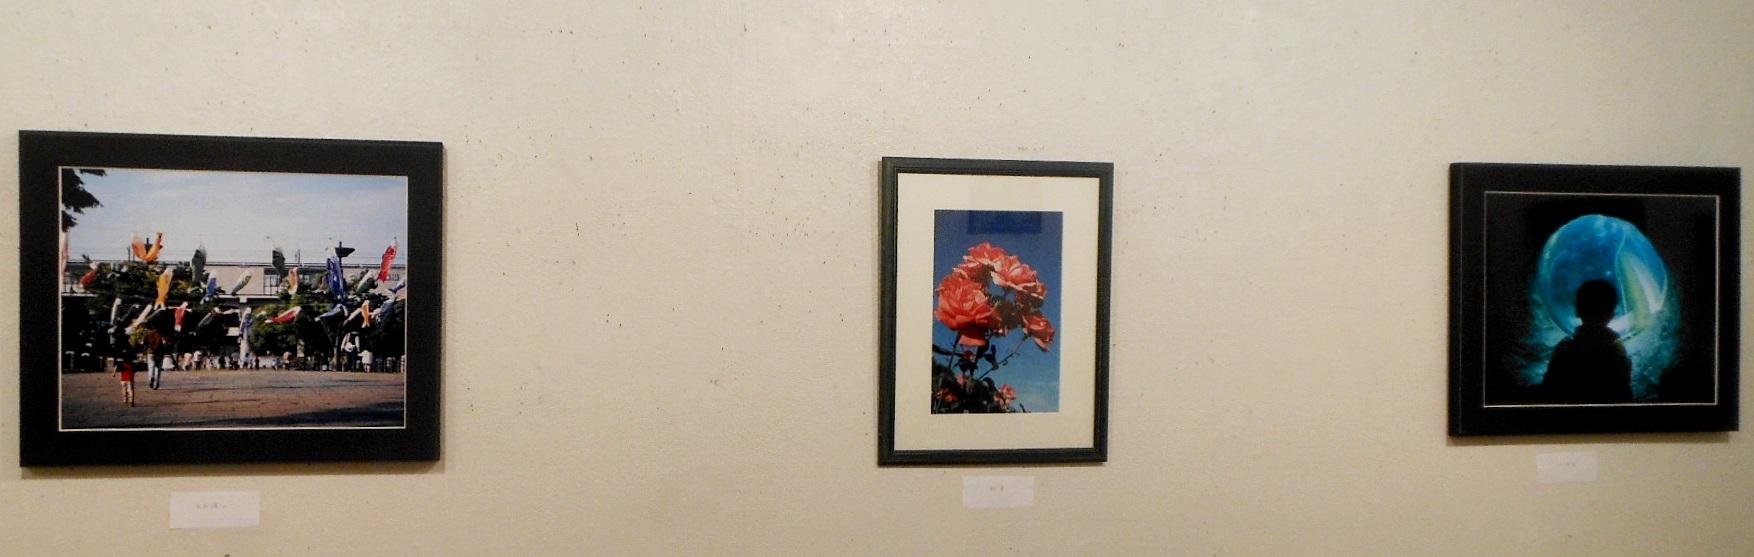 1797)「写真展|集合的無意識 えぞ梅雨の夢 (QUATRE SAISONS)」 たぴお 6月18日(日)~6月30日(土)  _f0126829_917623.jpg